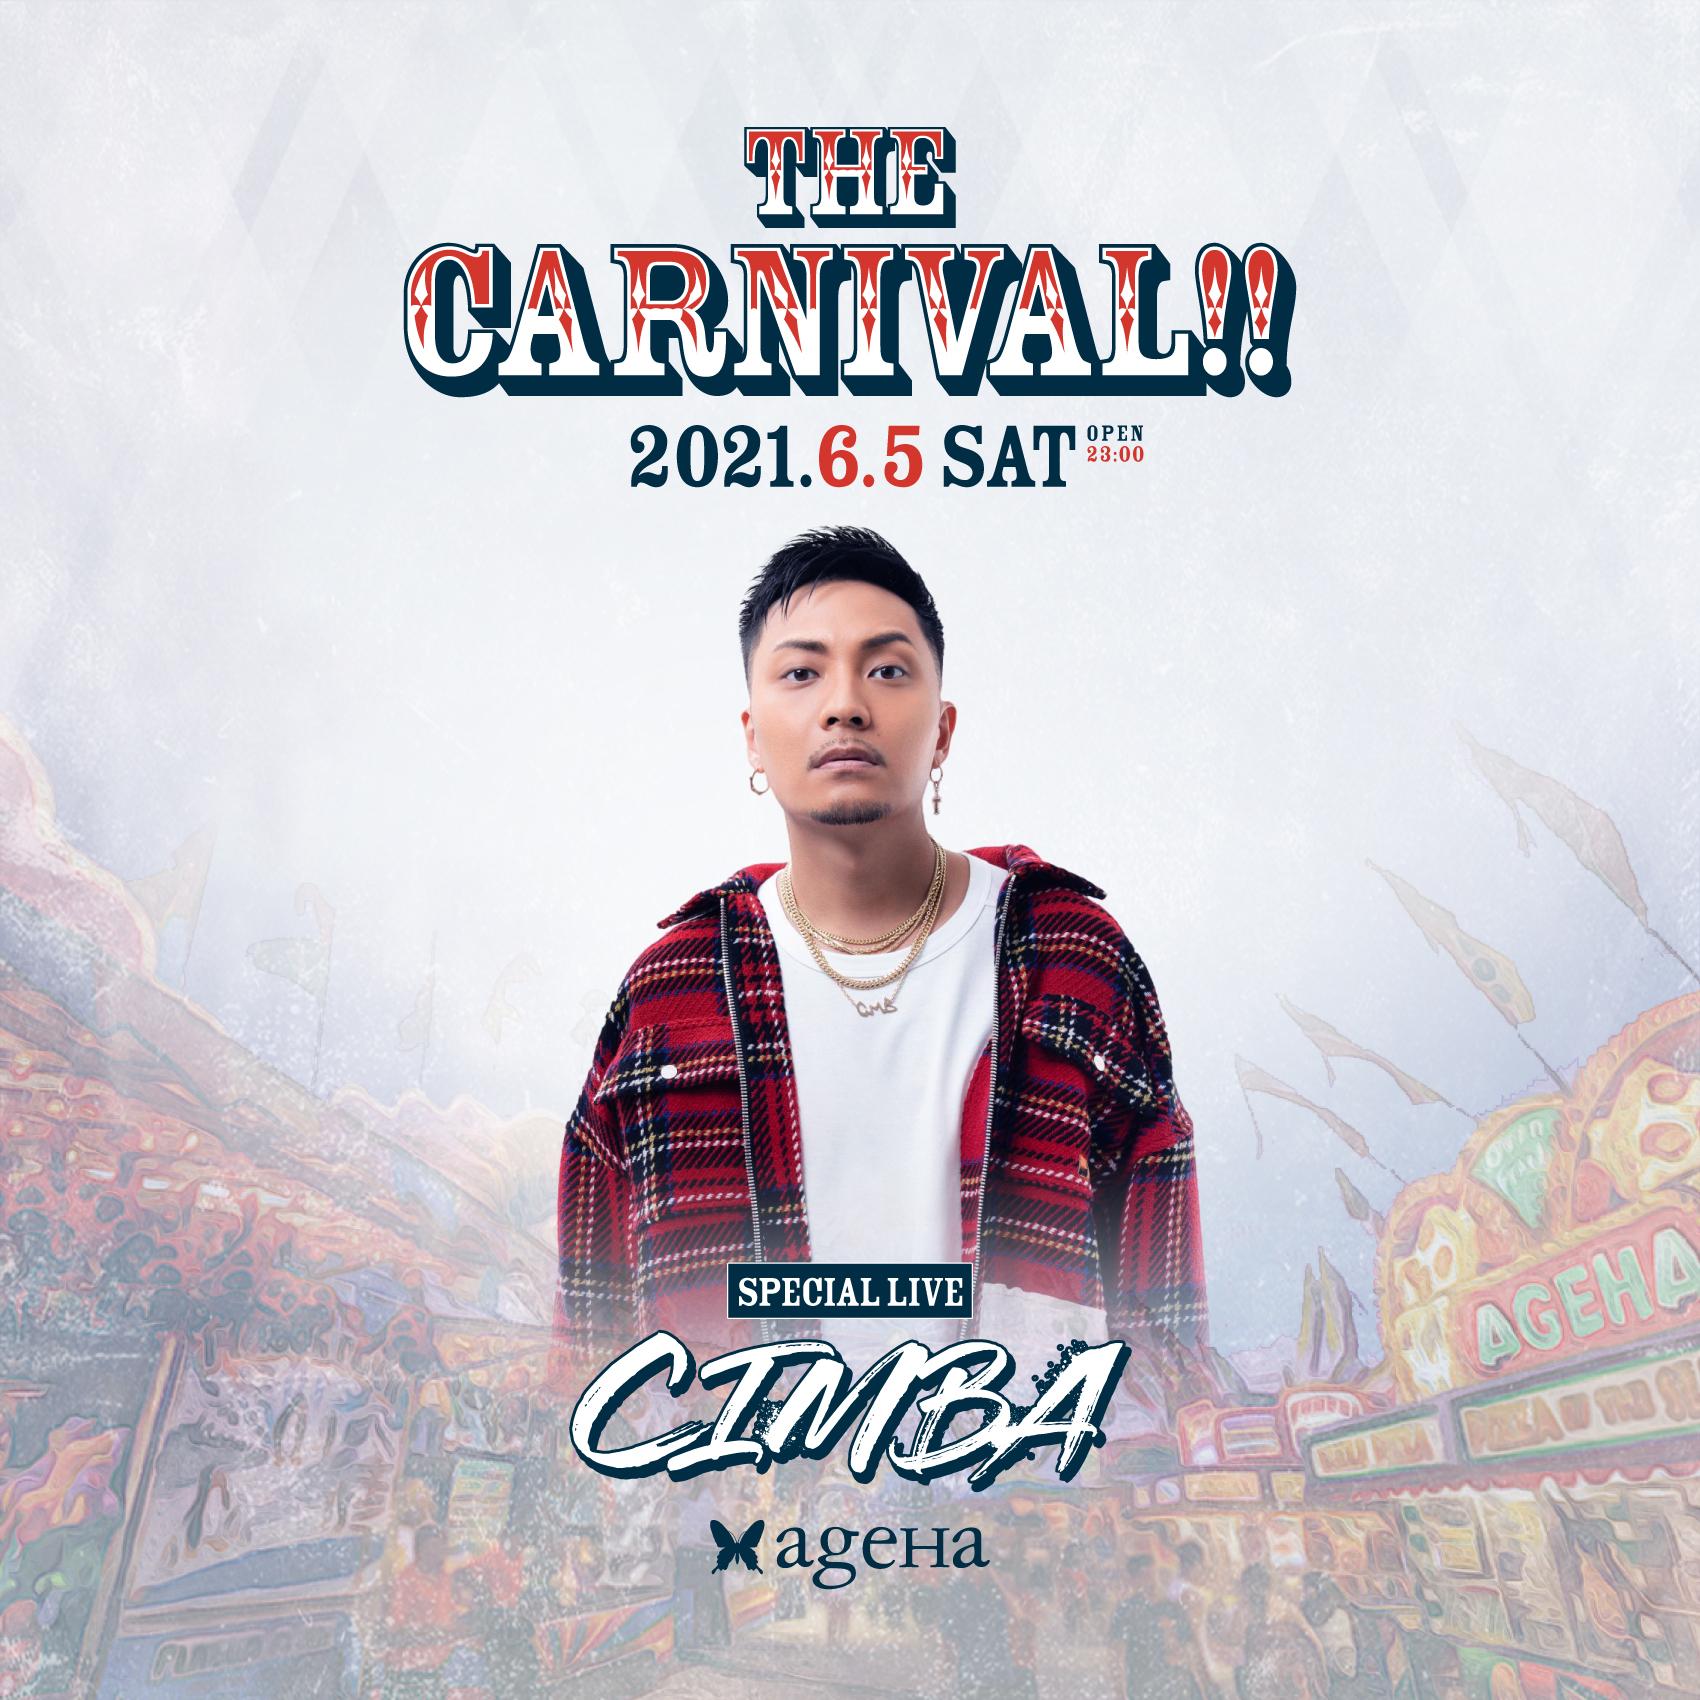 東京出身のR&Bシンガーソングライター 「CIMBA」 THE CARNIVAL!!出演者